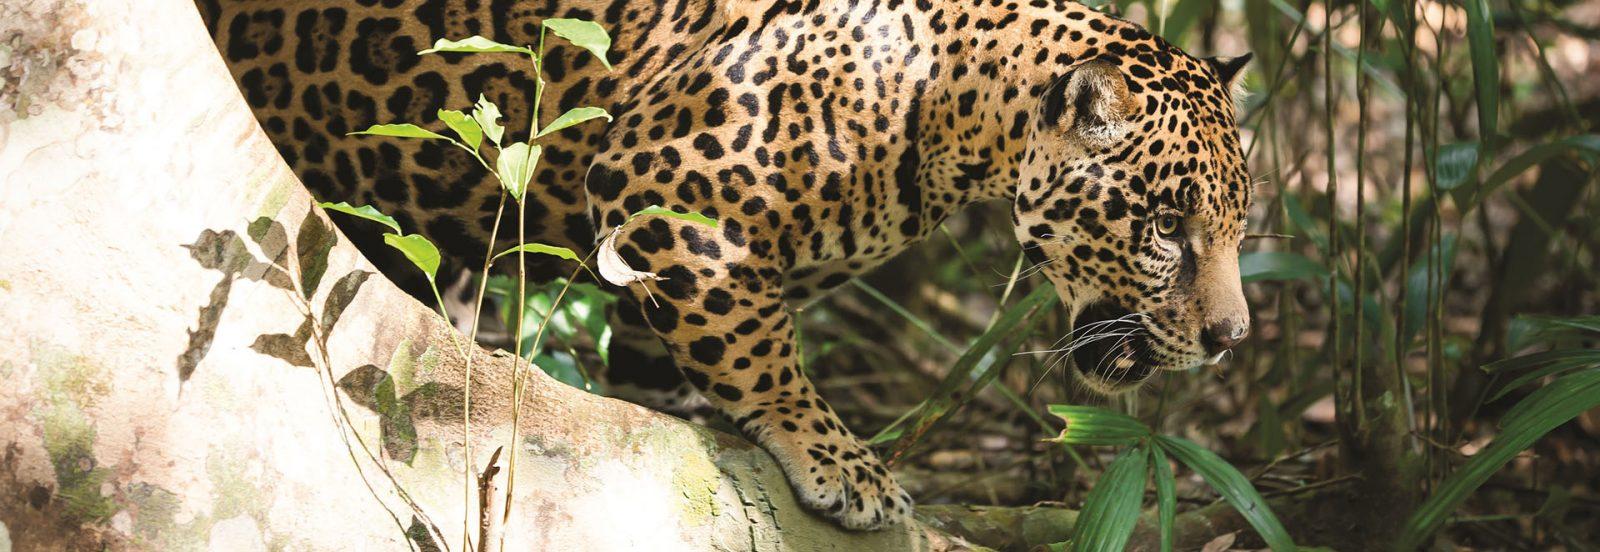 La Rotta del Giaguaro